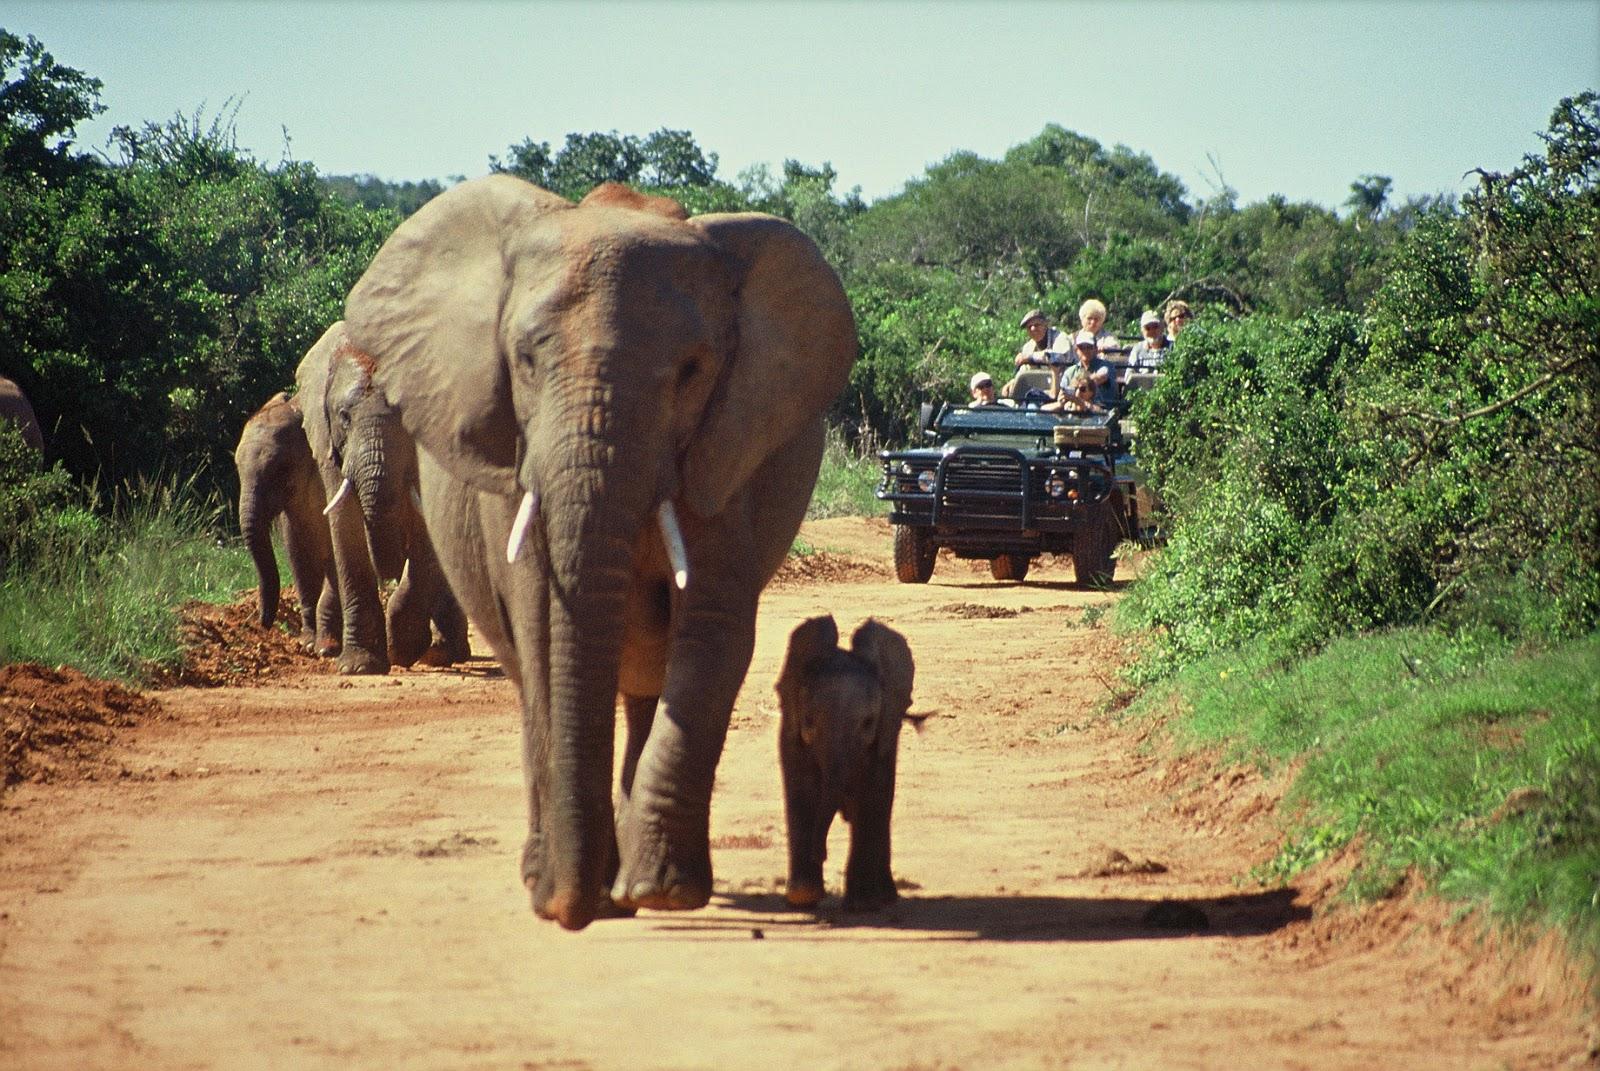 La experiencia de un safari africano